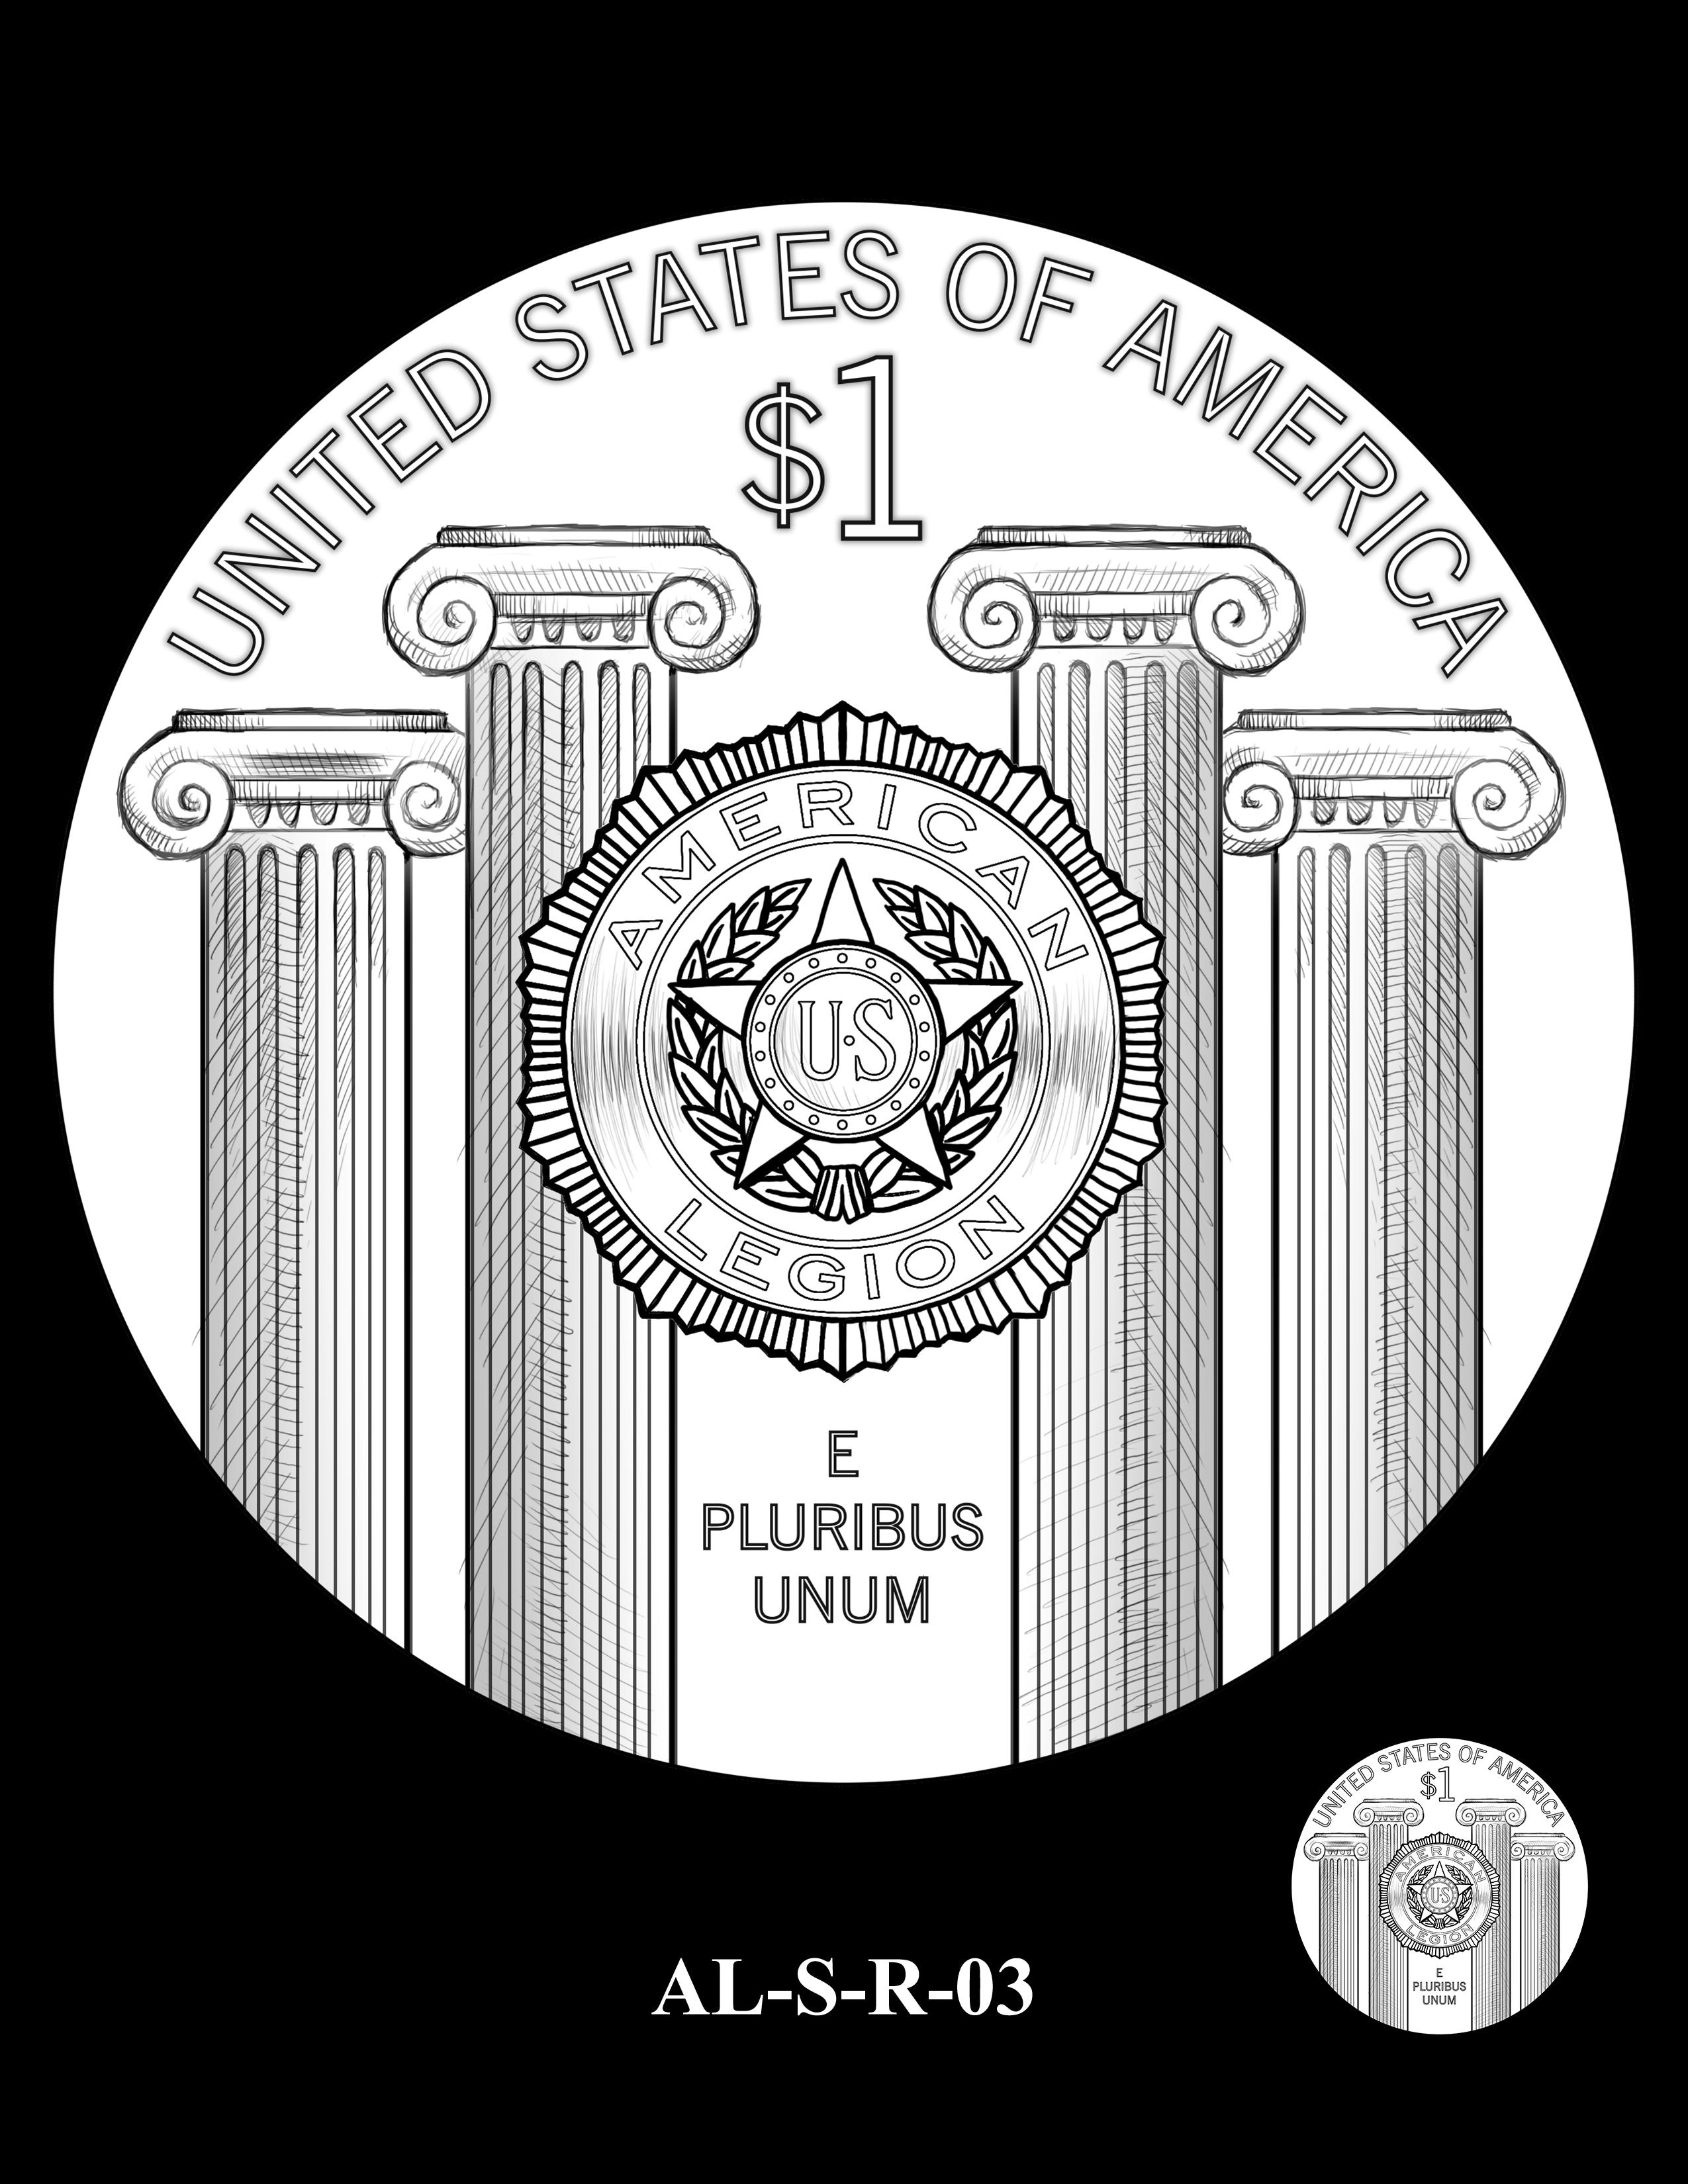 AL-S-R-03 -- 2019 American Legion 100th Anniversary Commemorative Coin Program - Silver Reverse